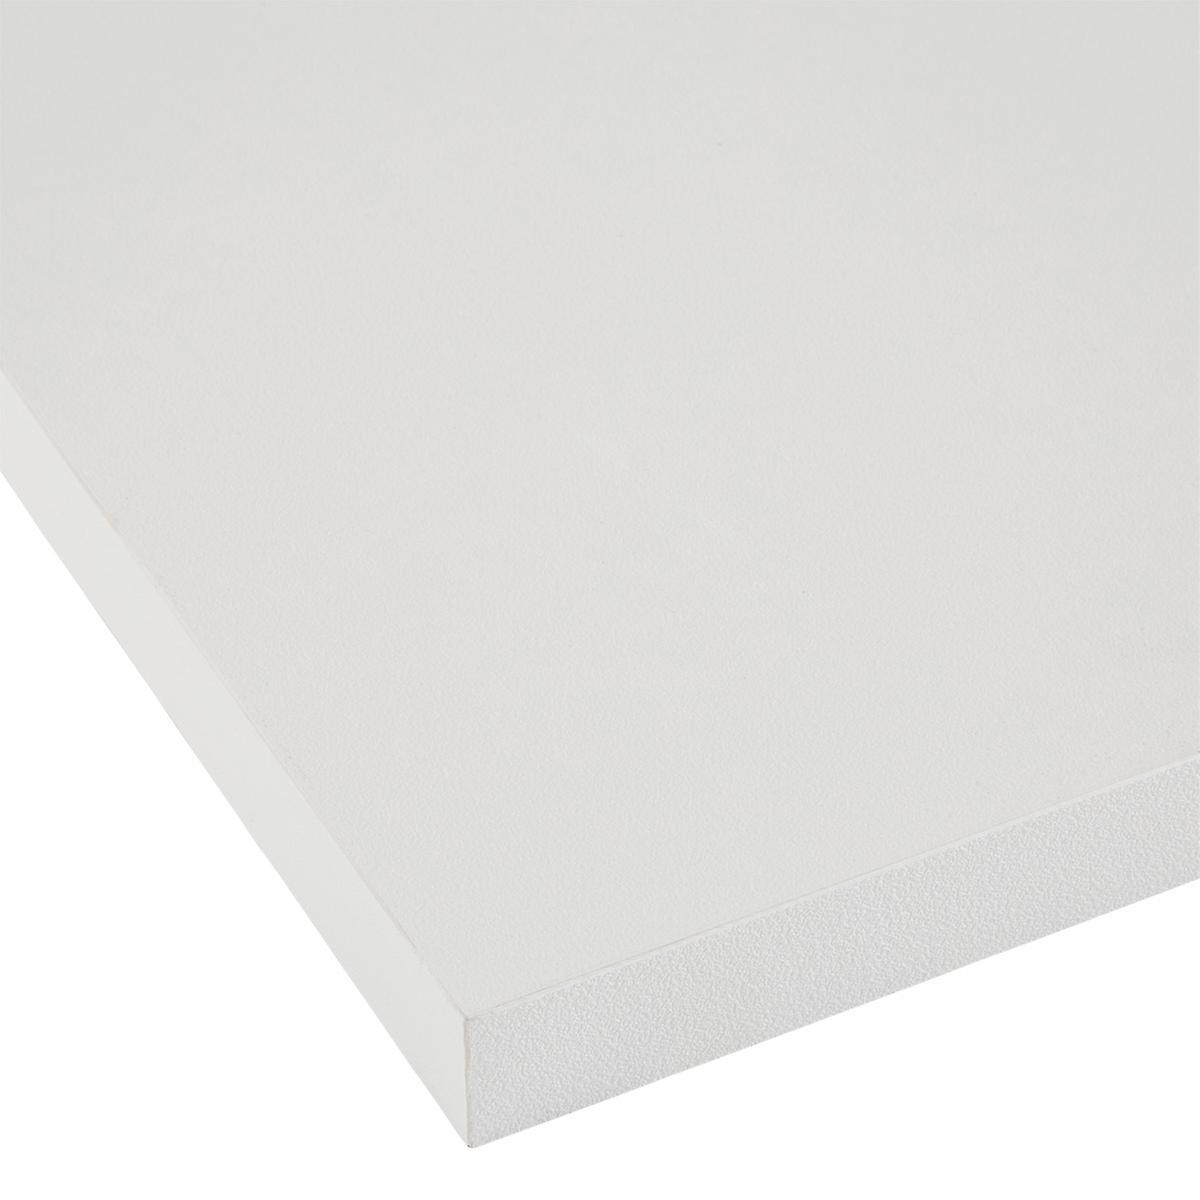 Melamine Shelving White Melamine Shelves The Container